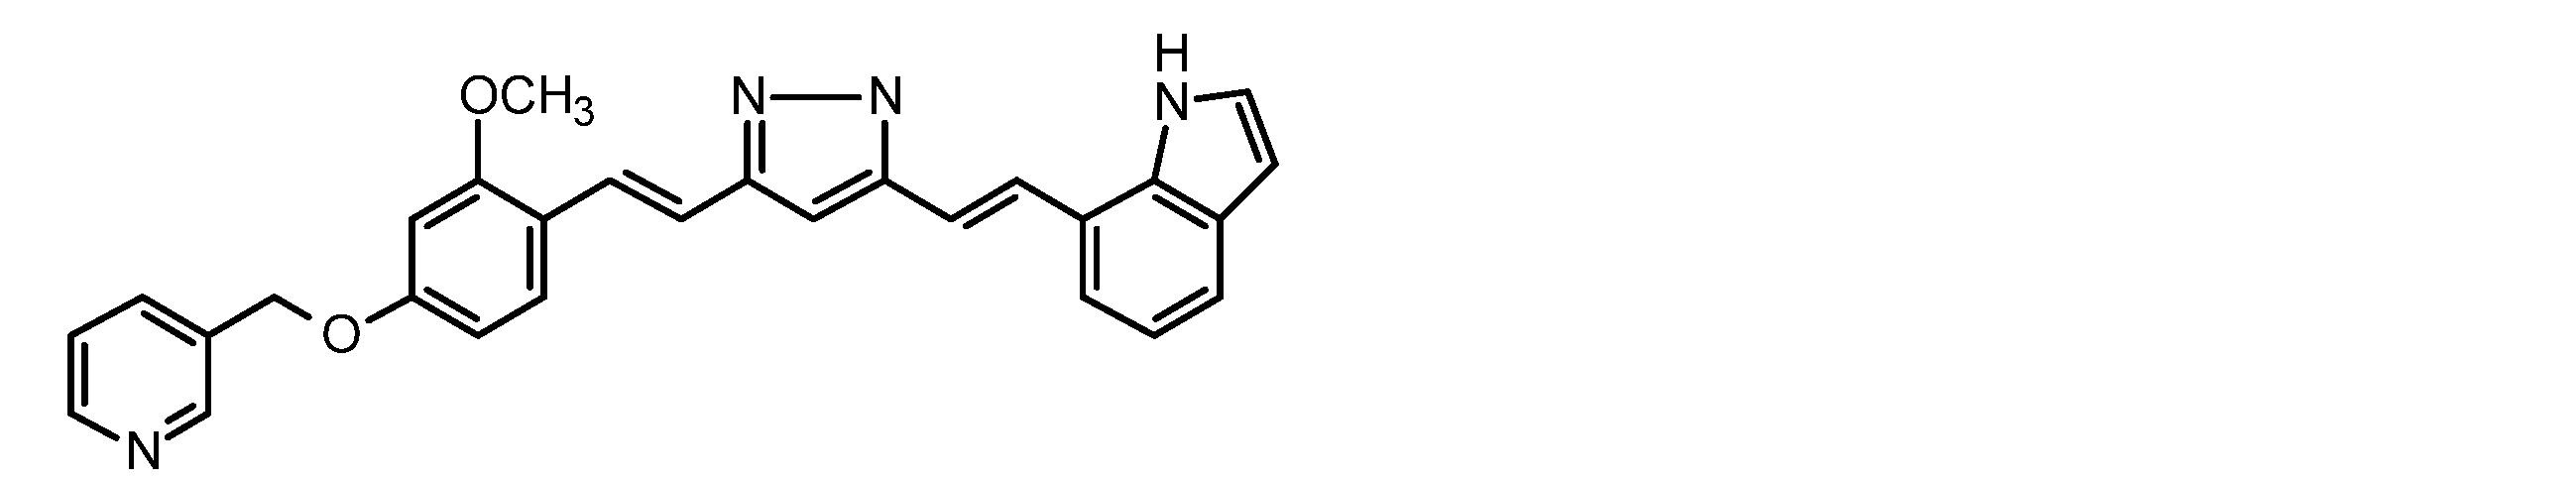 WO2012141228A1 - 新規ピラゾール誘導体         - Google PatentsFamily